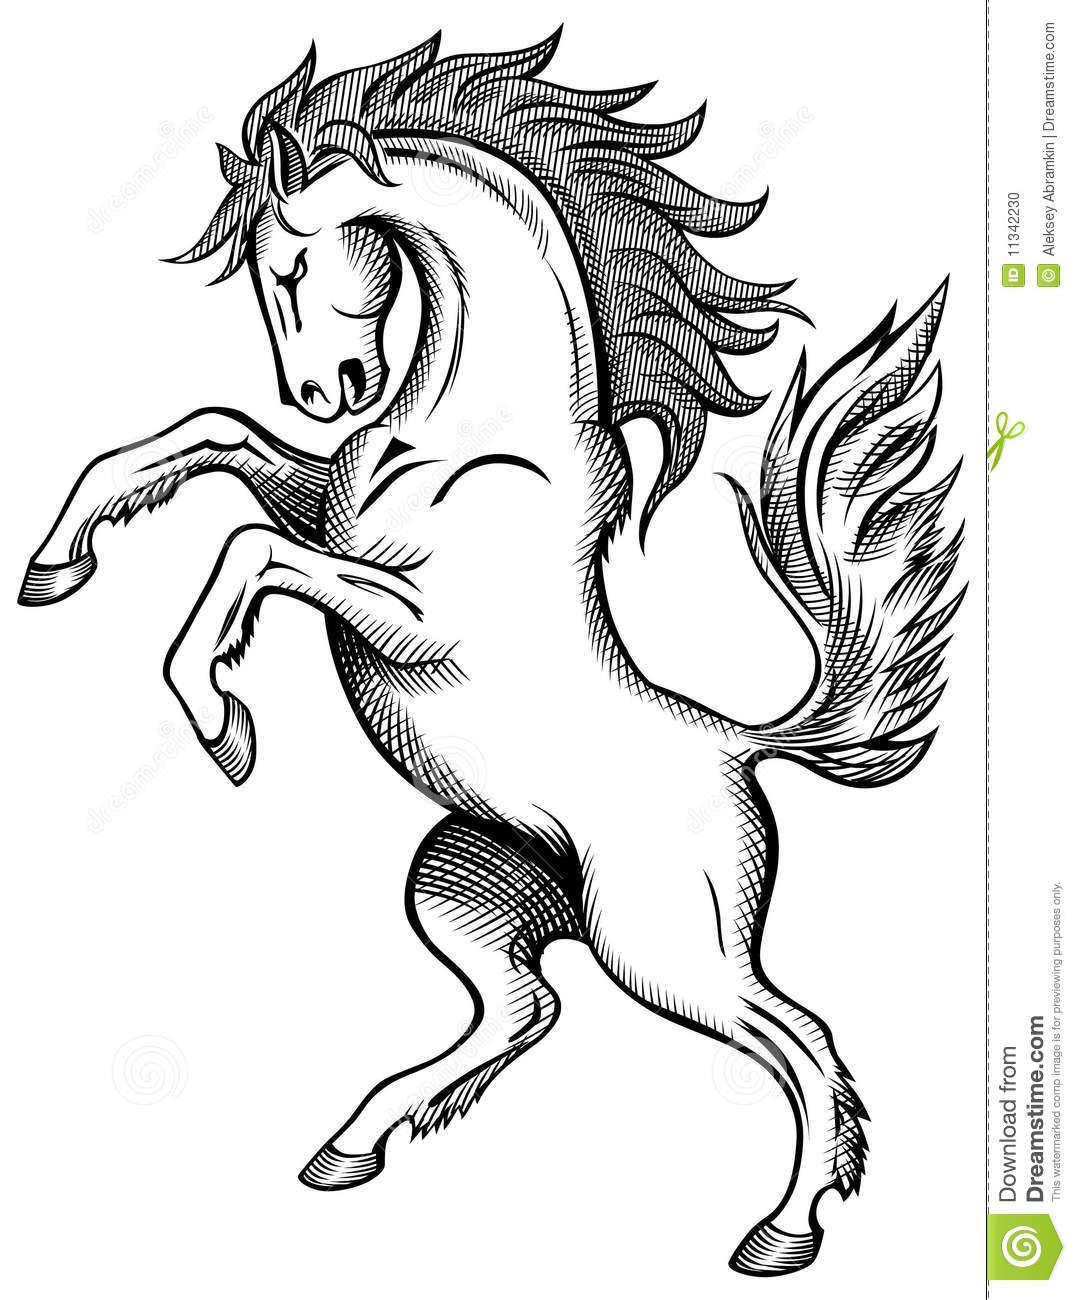 Imagens De Cavalos Em Desenho